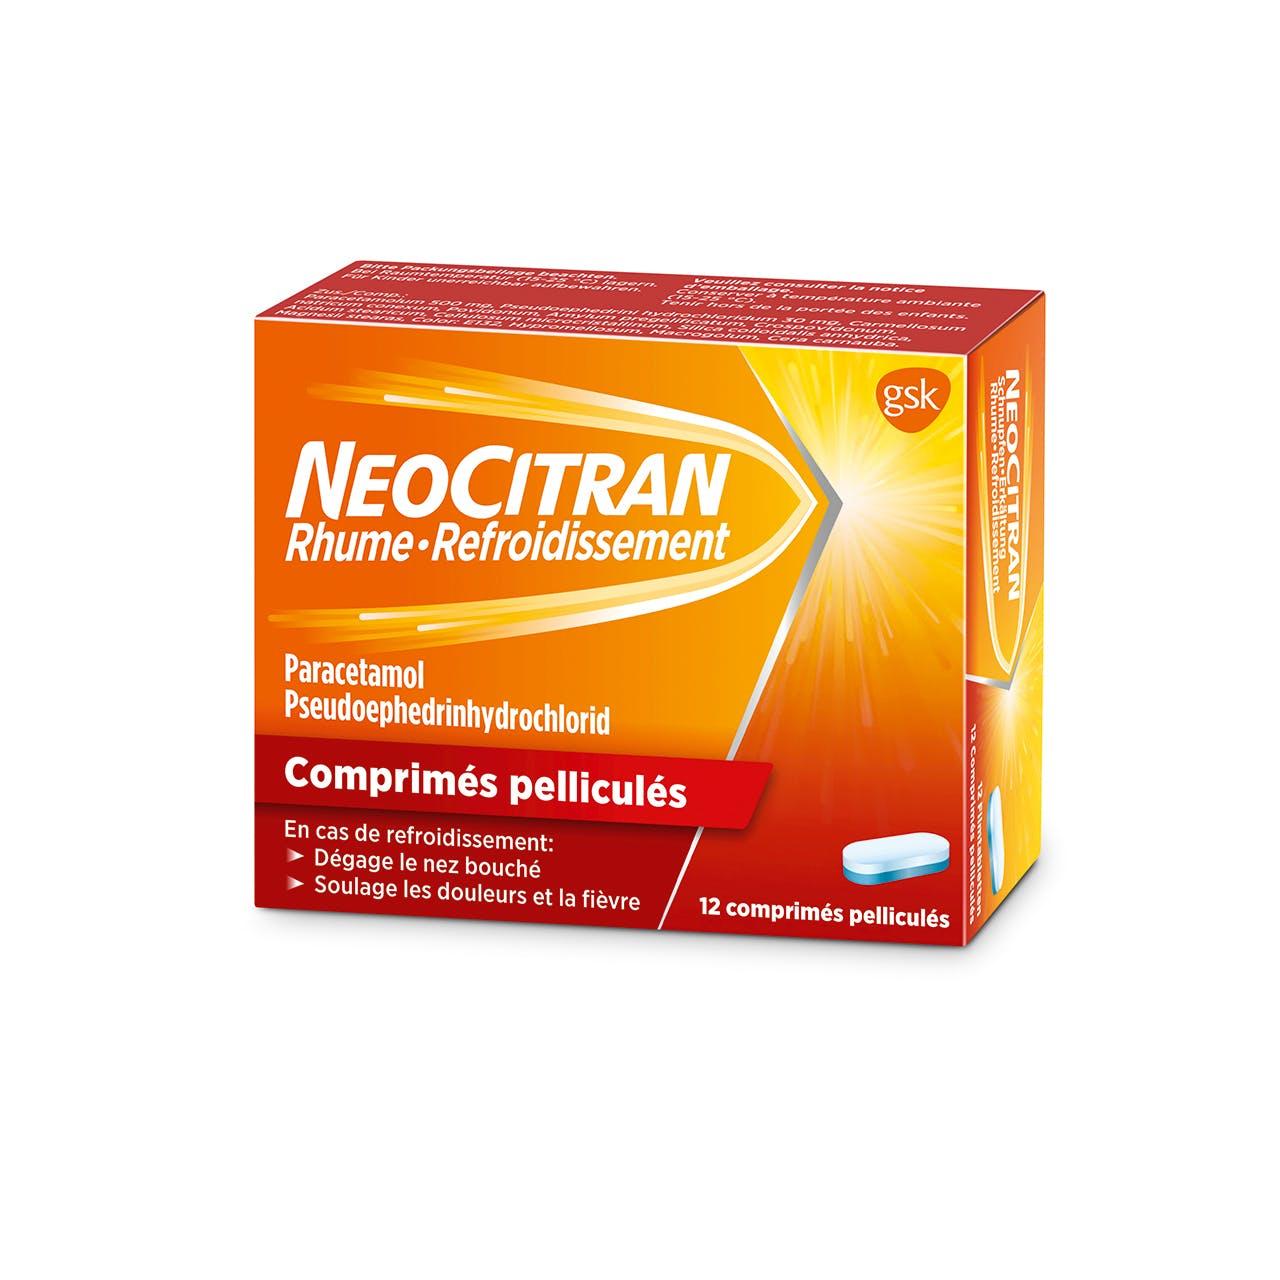 NeoCitran Rhume/refroidissement le traitement en comprimés